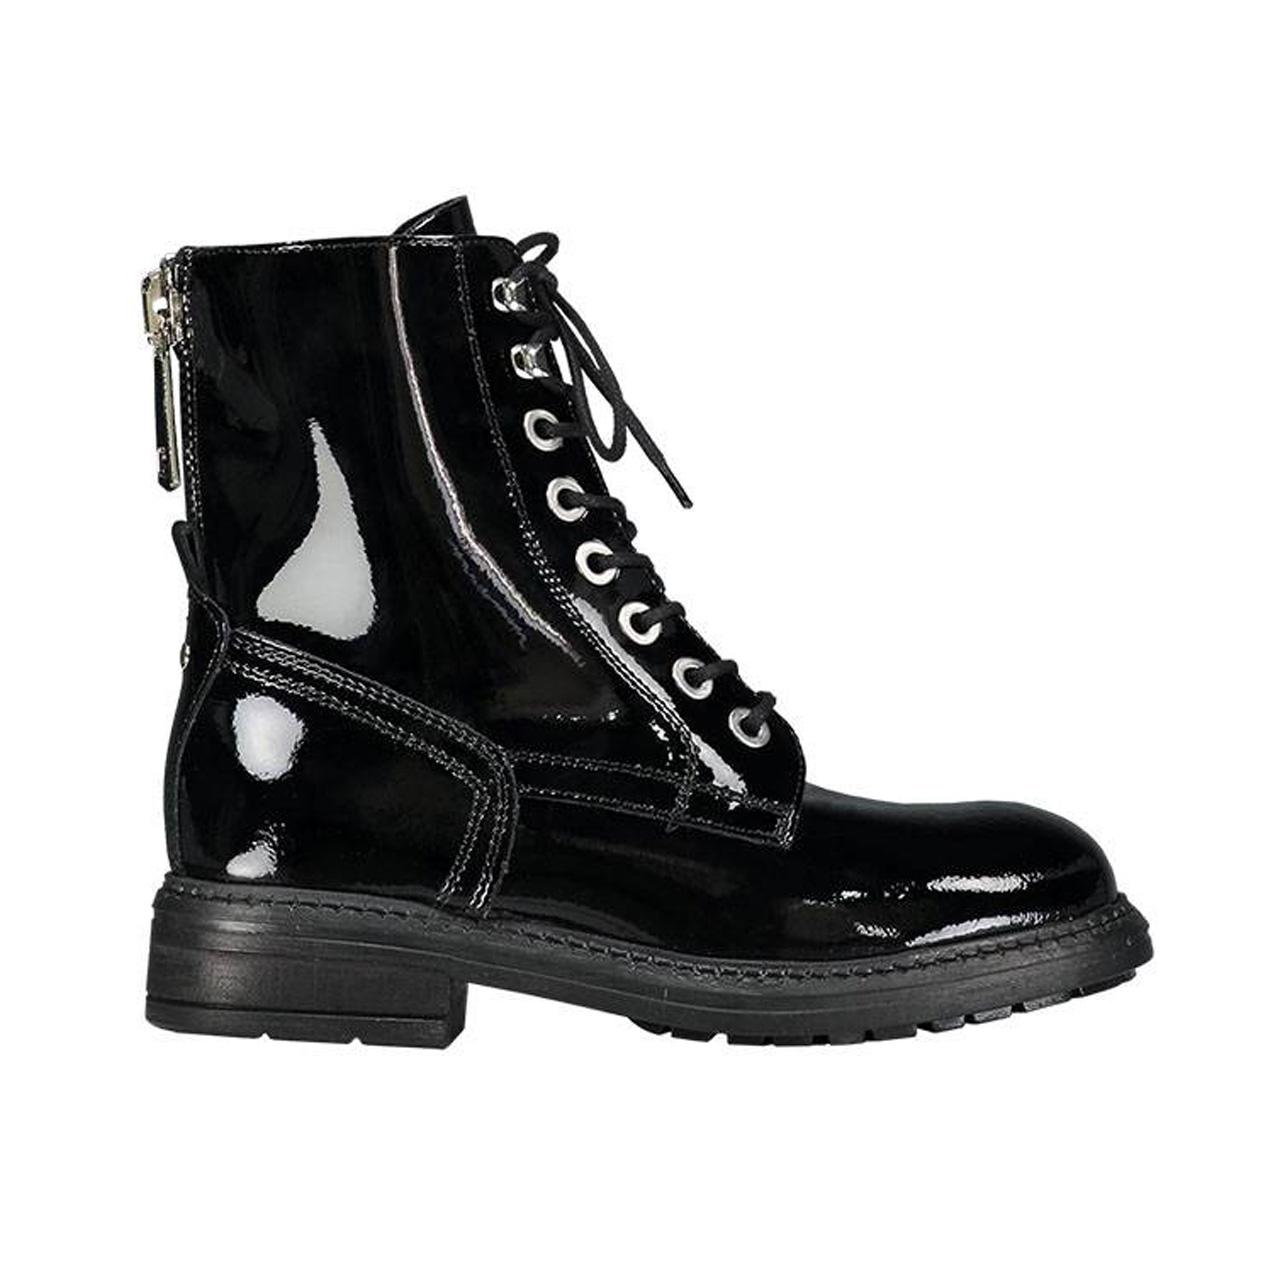 Nikkie Chaussures Noir Avec Fermeture Éclair Pour Les Femmes r00Njh2